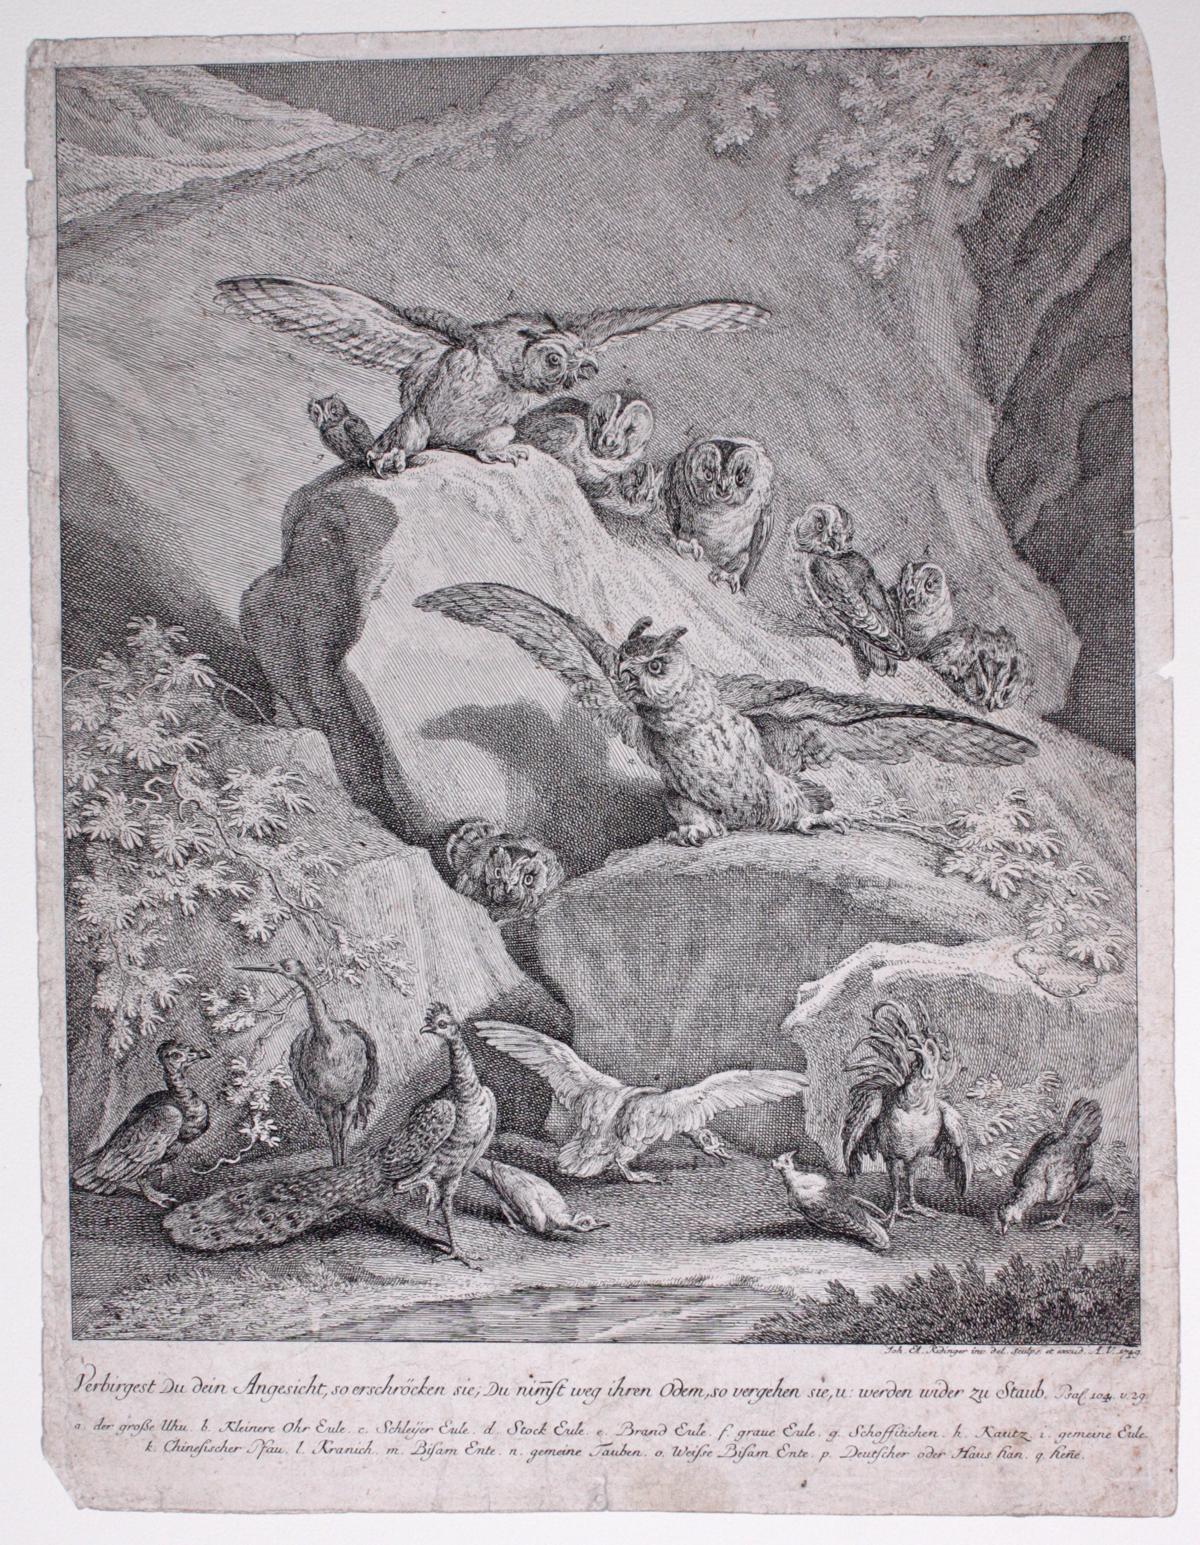 Johann Elias Ridinger (1698-1767). 2 Kupfertische-2